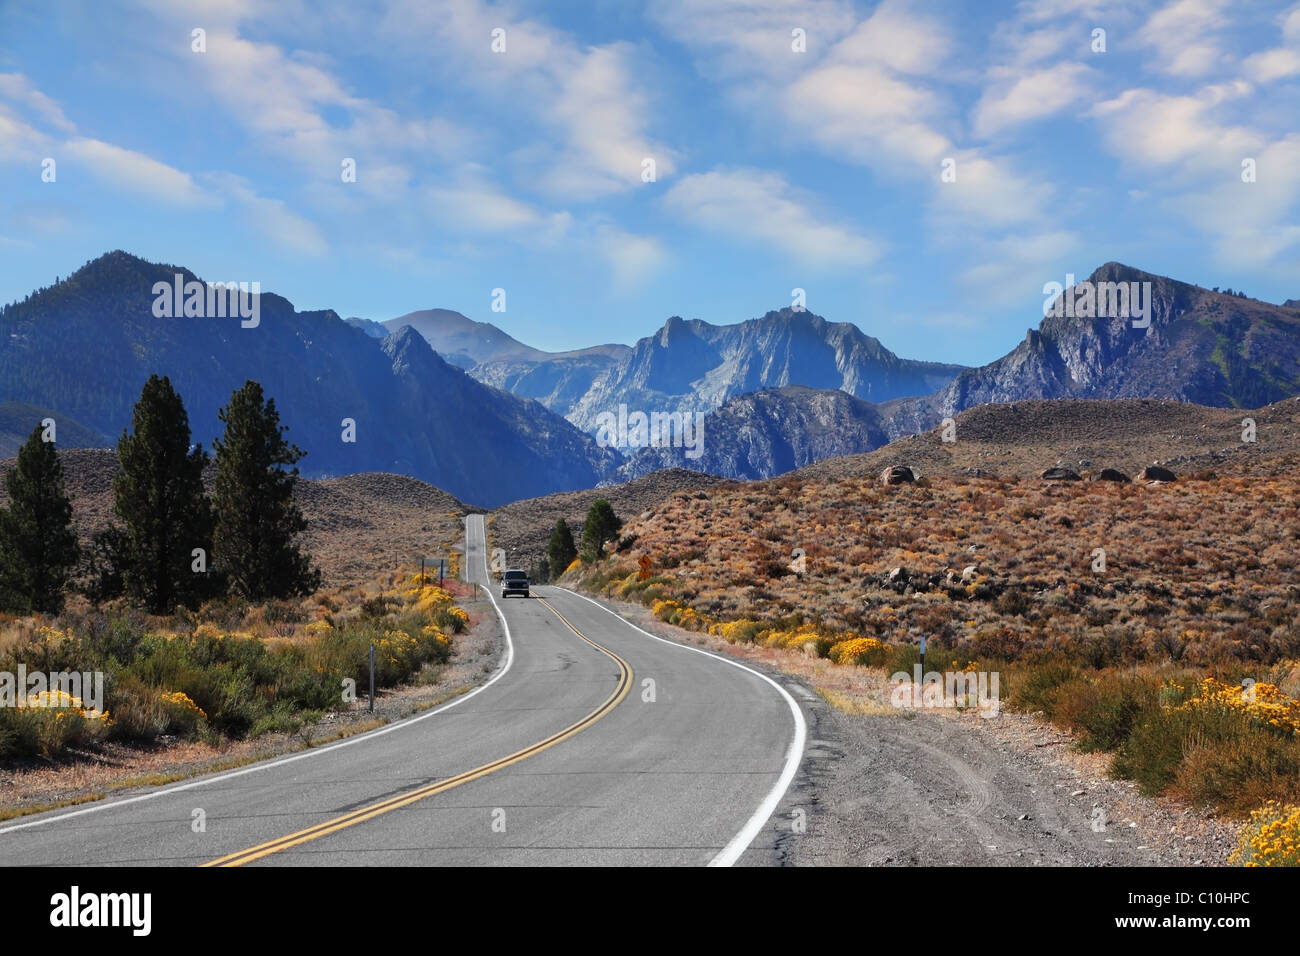 Jeep turística a la vuelta de la carretera en las pintorescas montañas Imagen De Stock